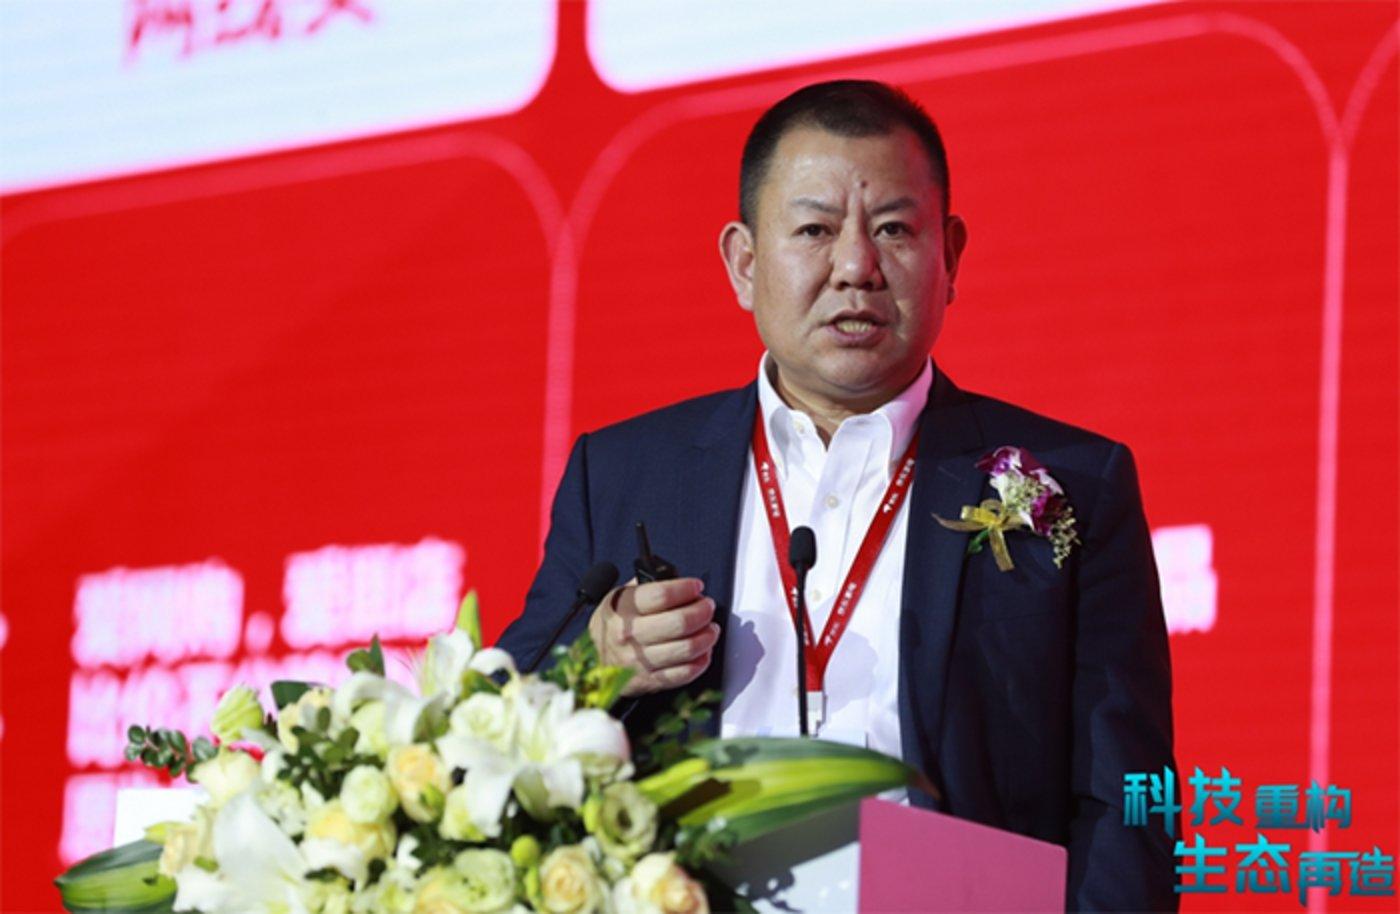 京东集团高级副总裁、3C电子及消费品零售事业群总裁 闫小兵先生